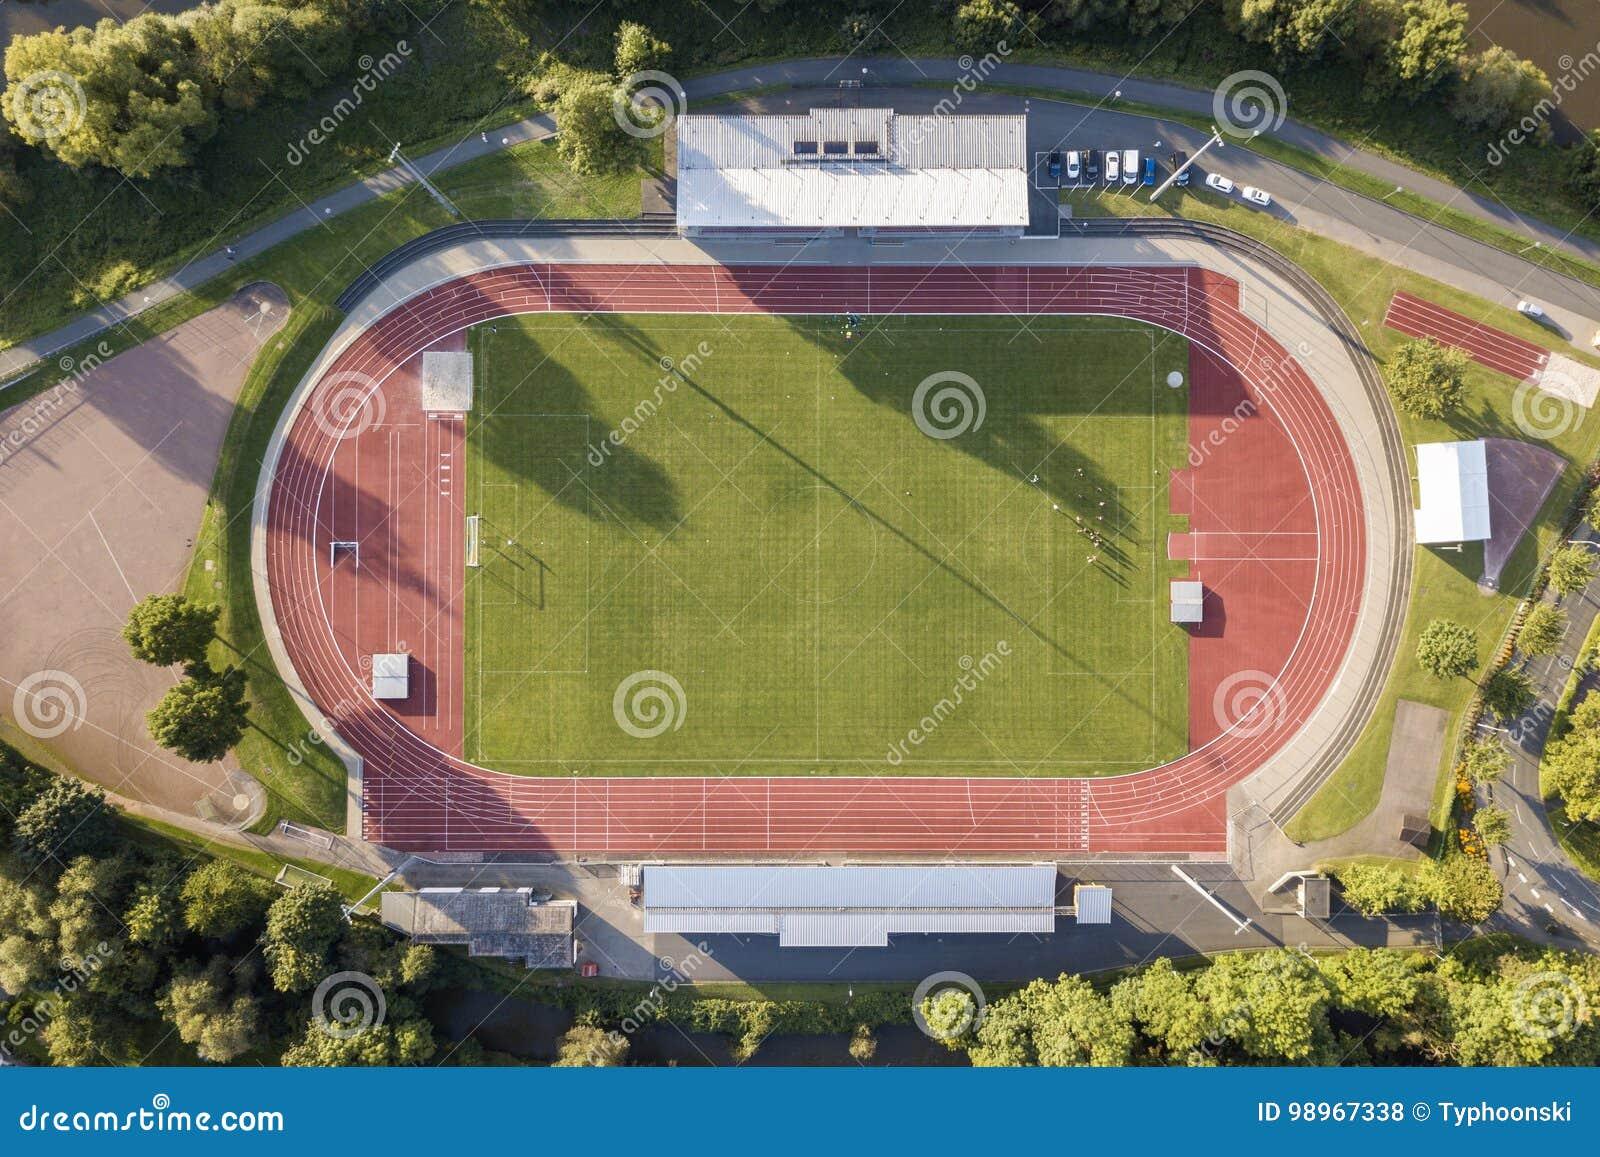 Вид с воздуха футбольного поля